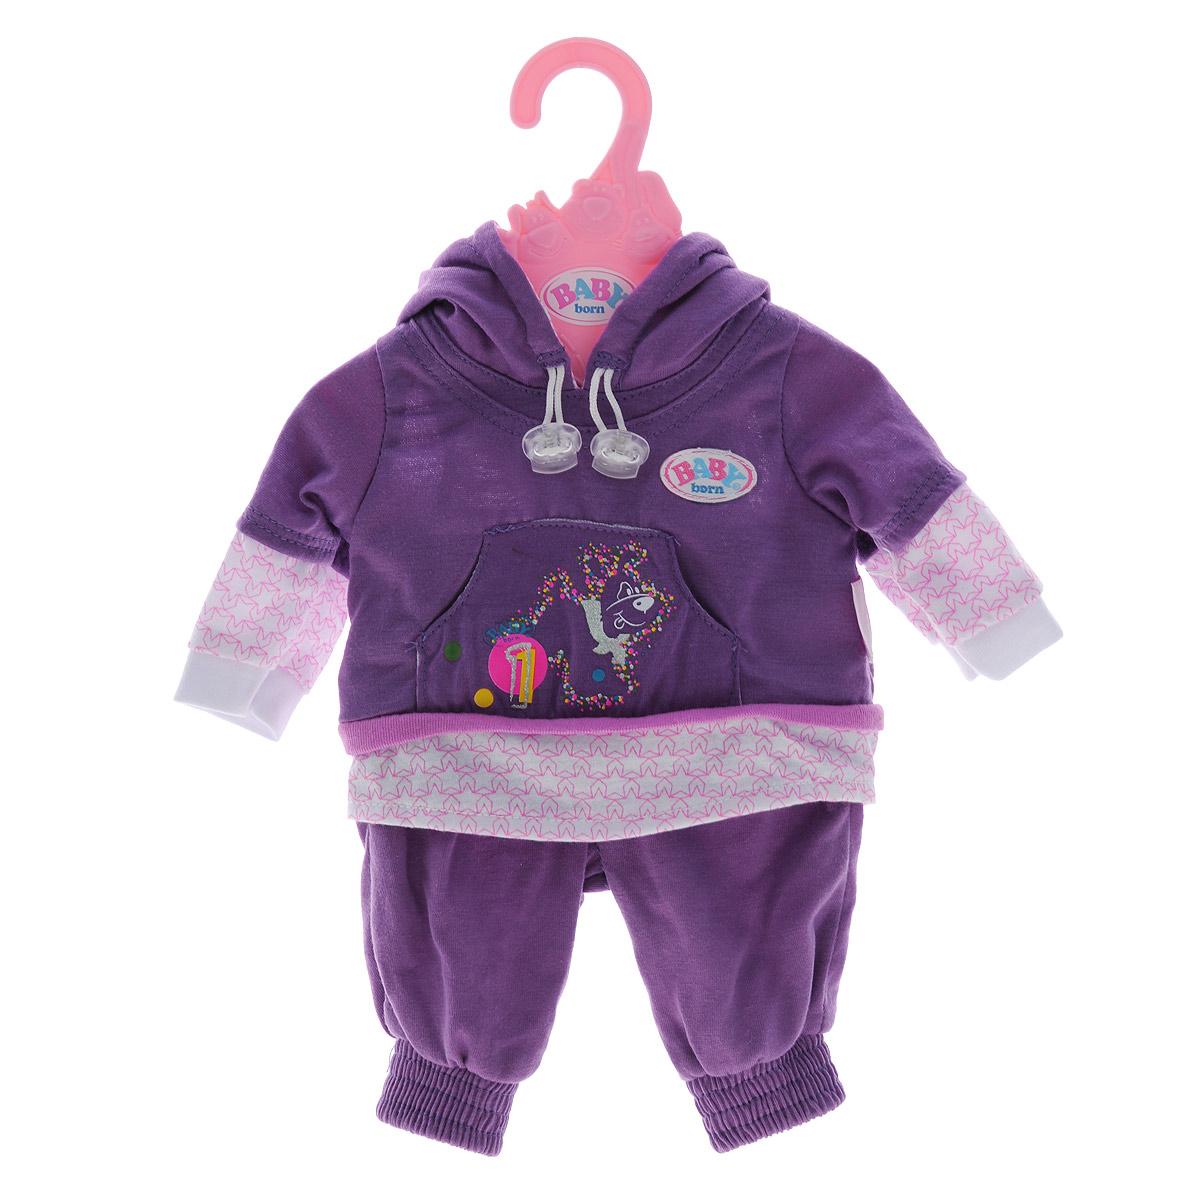 Baby Born Одежда для кукол Для спорта цвет сиреневый